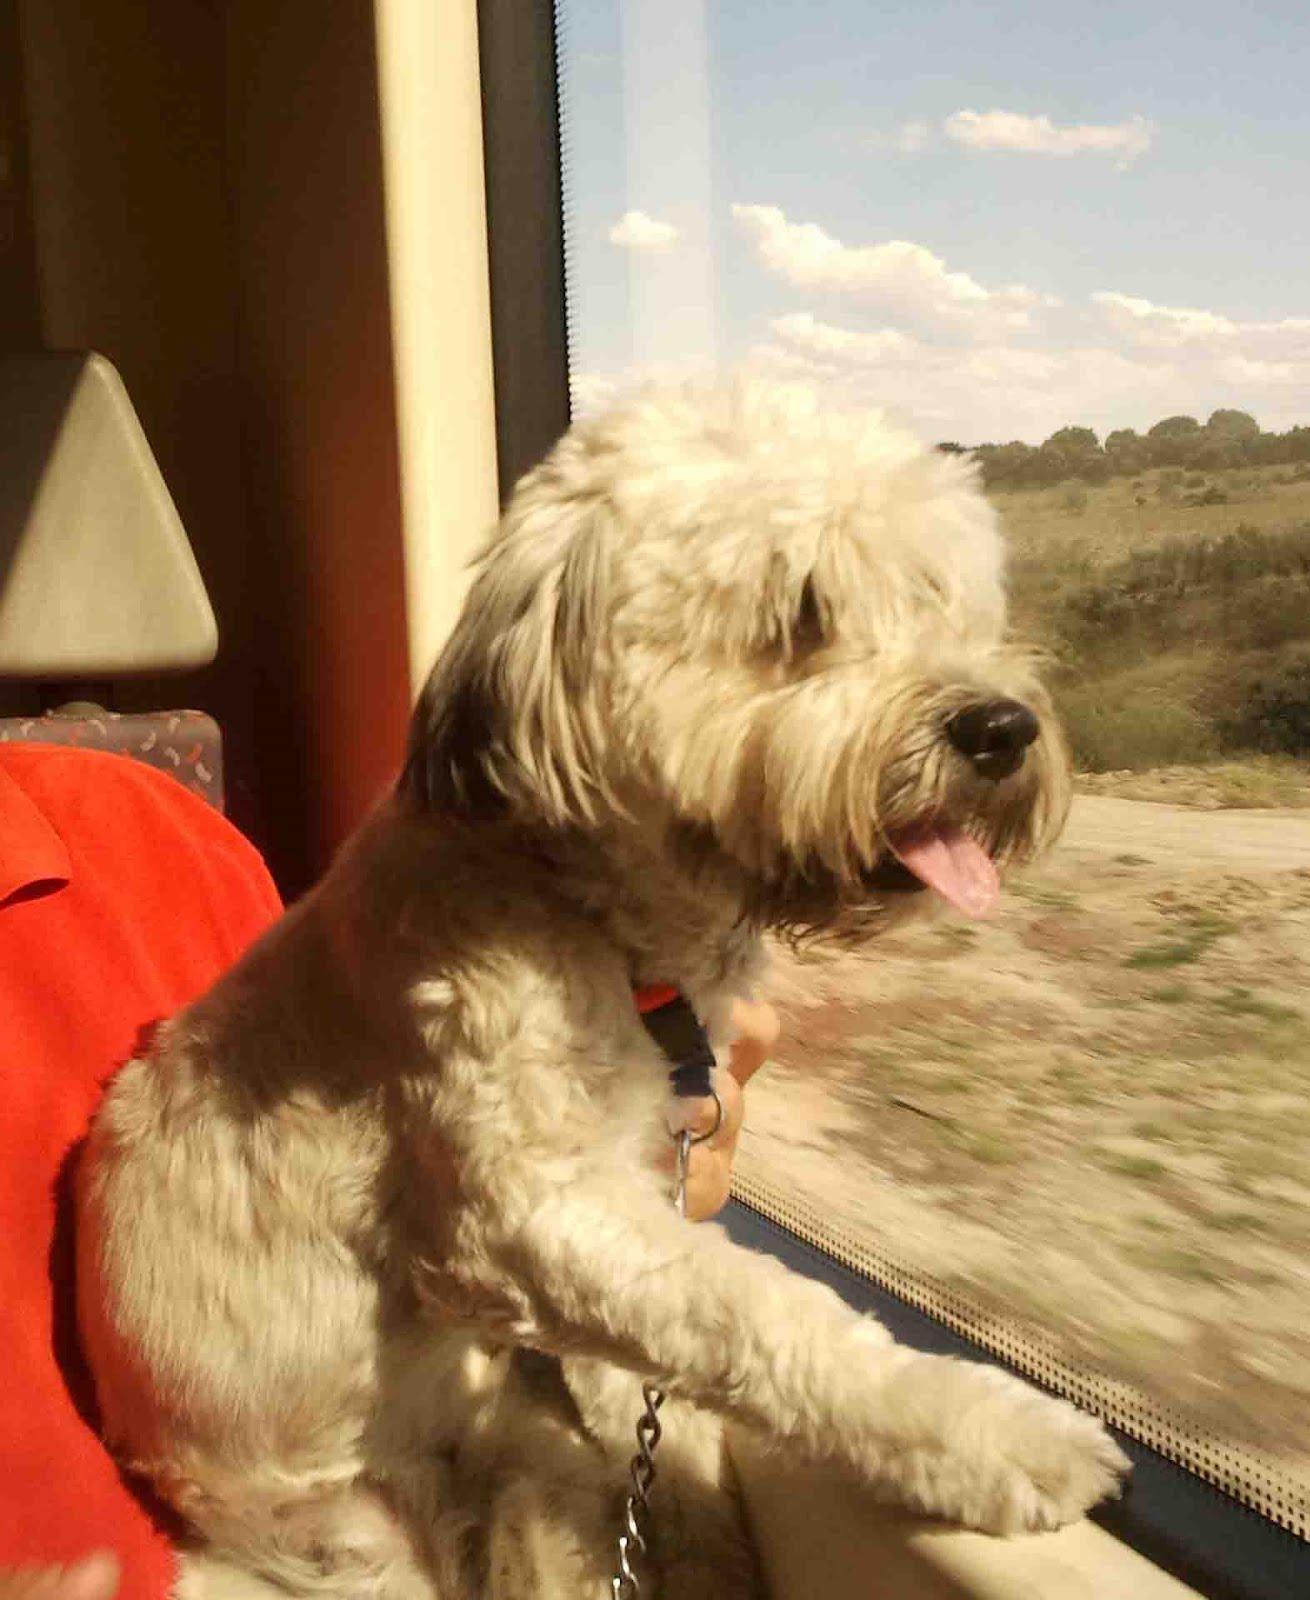 Perro pis almohadilla tren